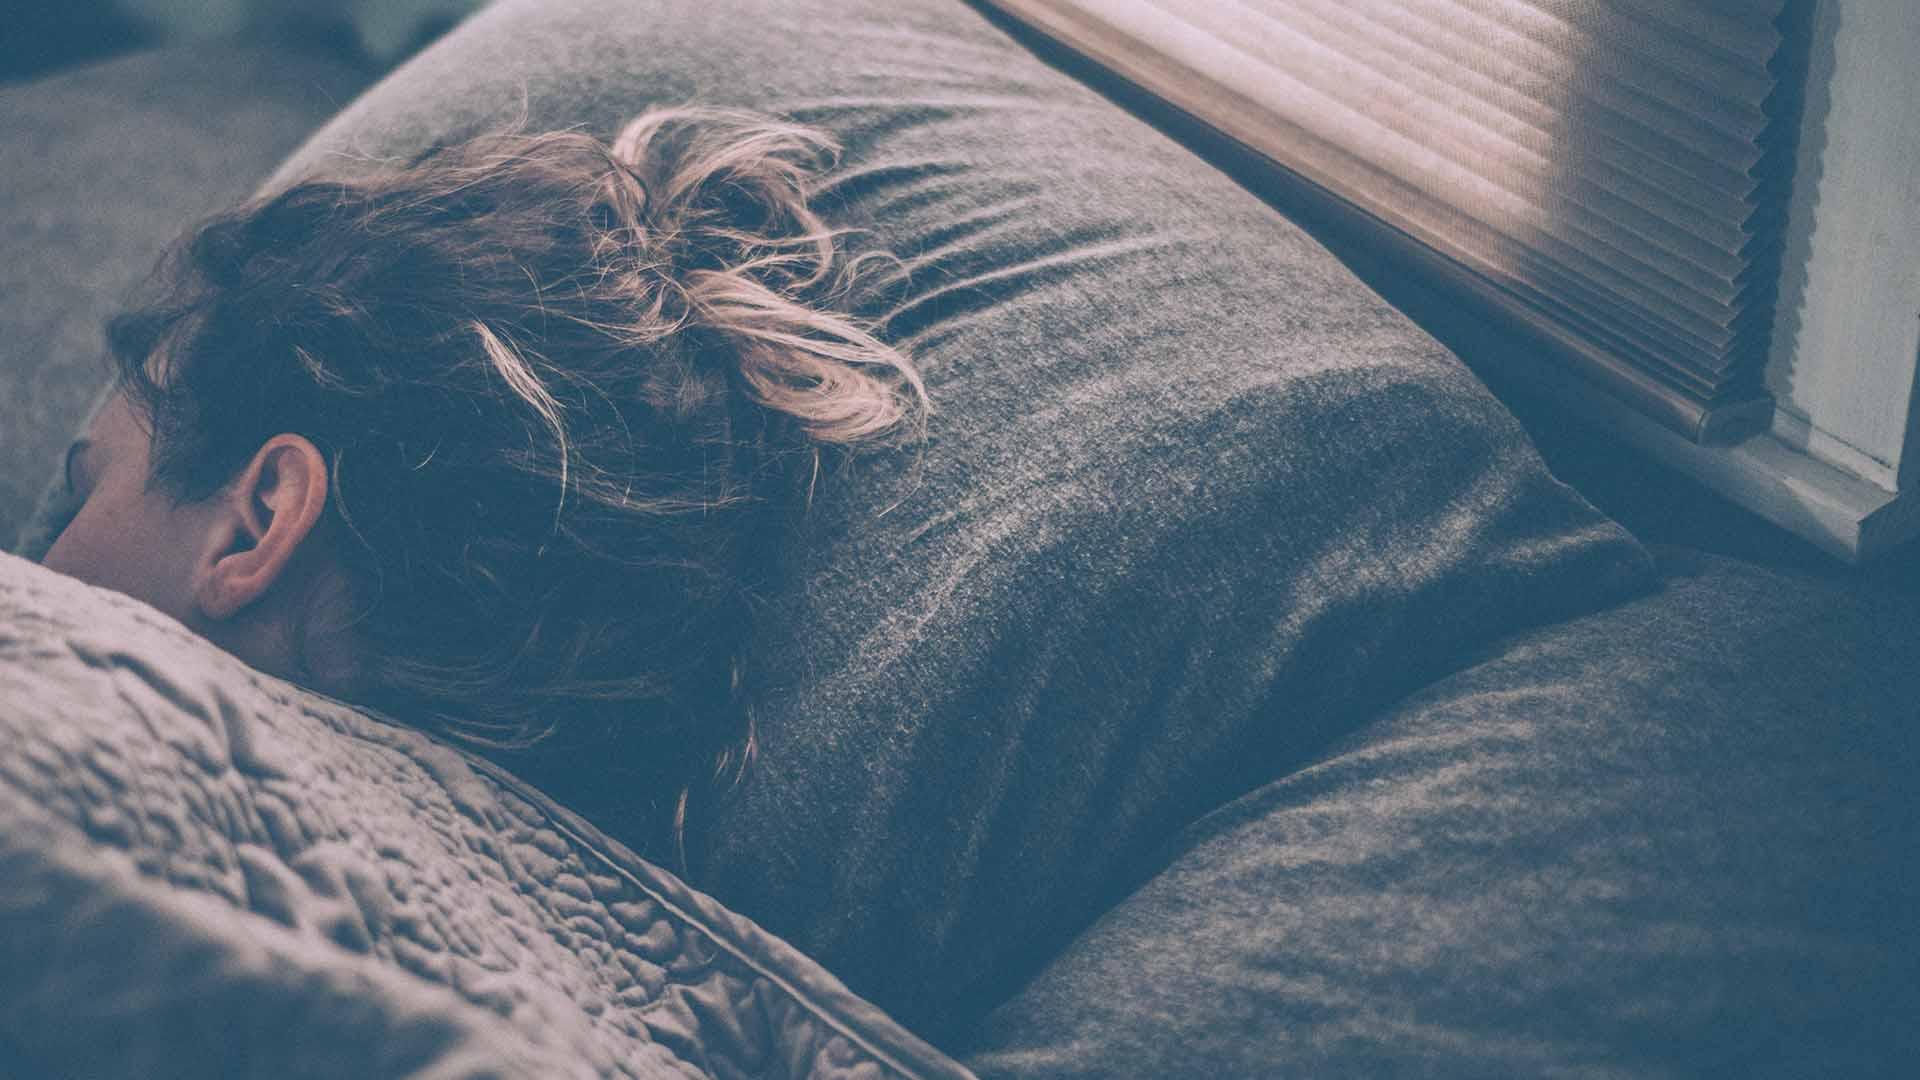 Il sonno di un narcolettico è tormentato e invalidante